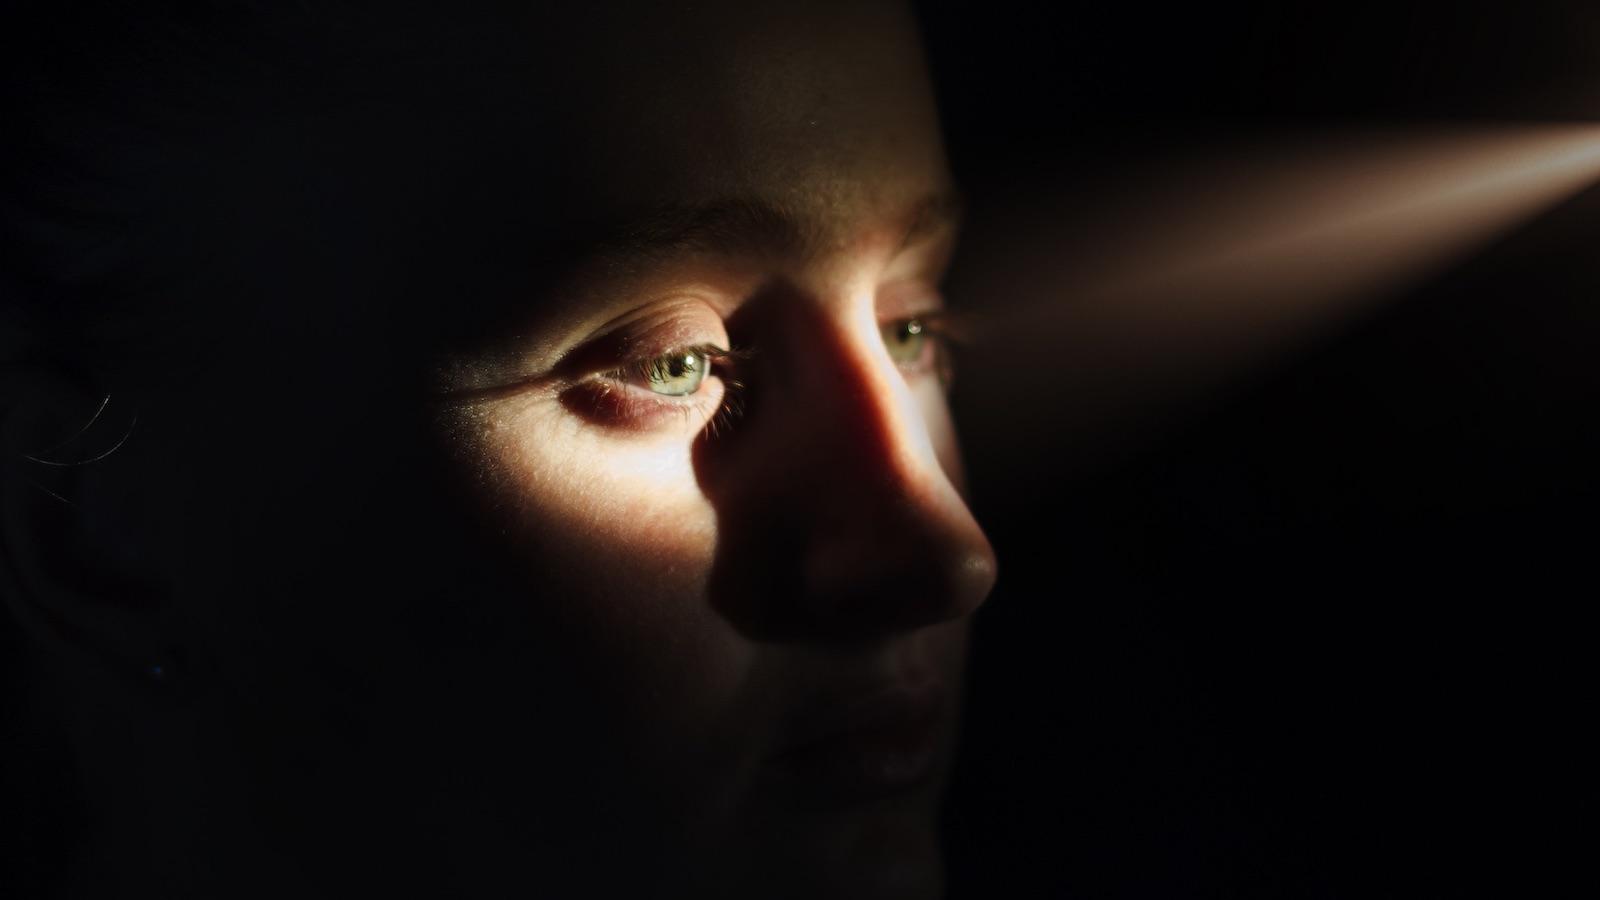 Symptomreduserende depresjonsforebygging på internett: Hva virker?